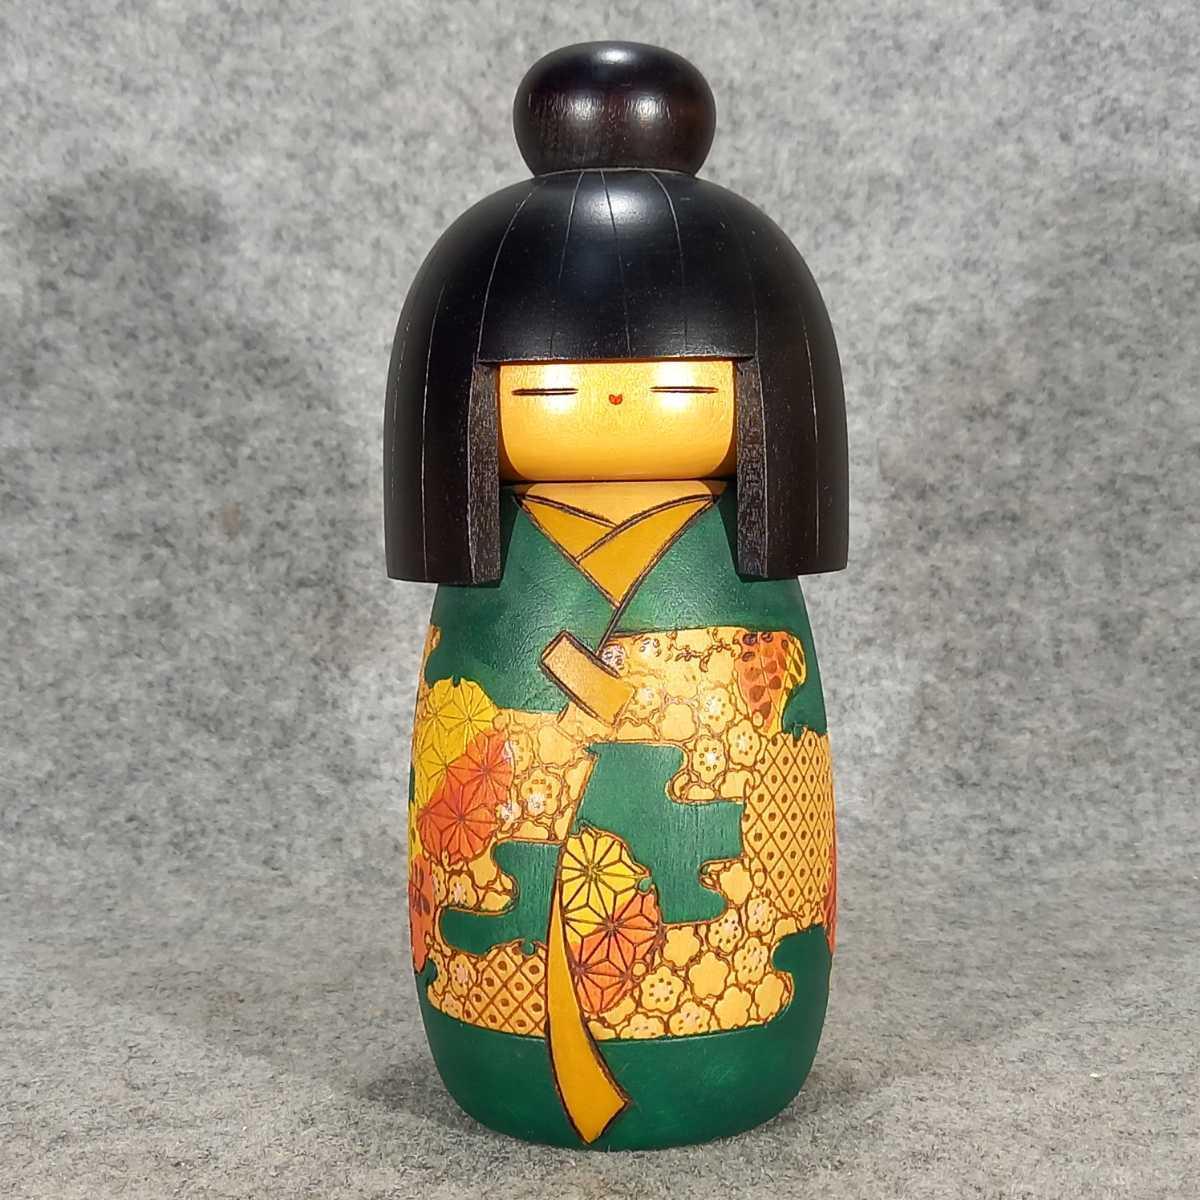 創作こけし かずを作 おかっぱ 約22cm 日本人形 伝統工芸品 郷土玩具 こけし